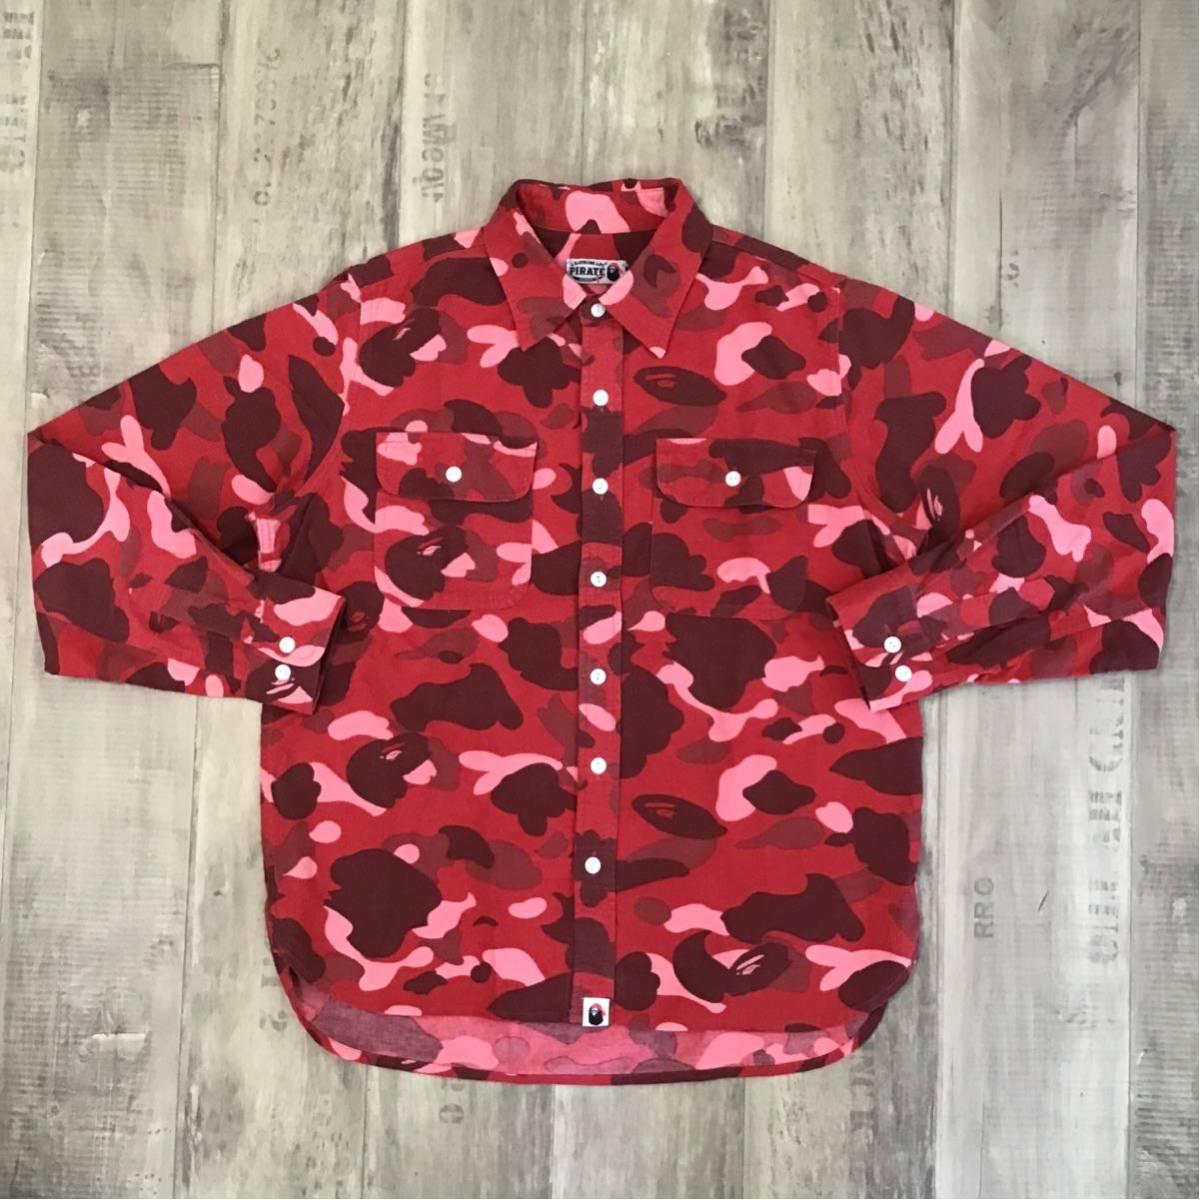 pharrell camo 長袖シャツ Mサイズ a bathing ape bape red camo エイプ ベイプ アベイシングエイプ pirate store 迷彩 it87